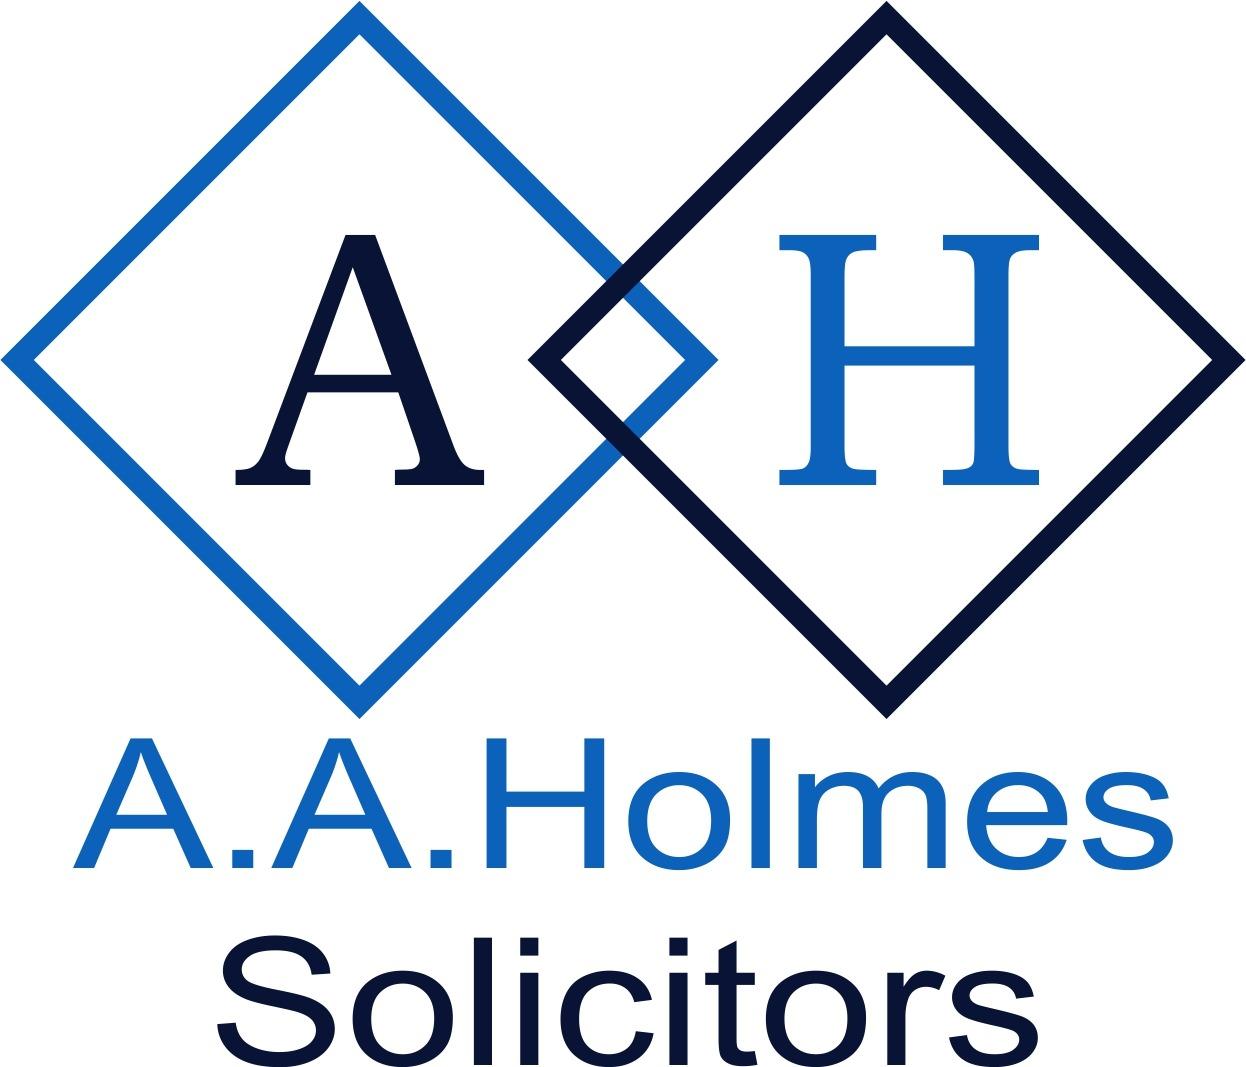 A. A. Holmes Solicitors